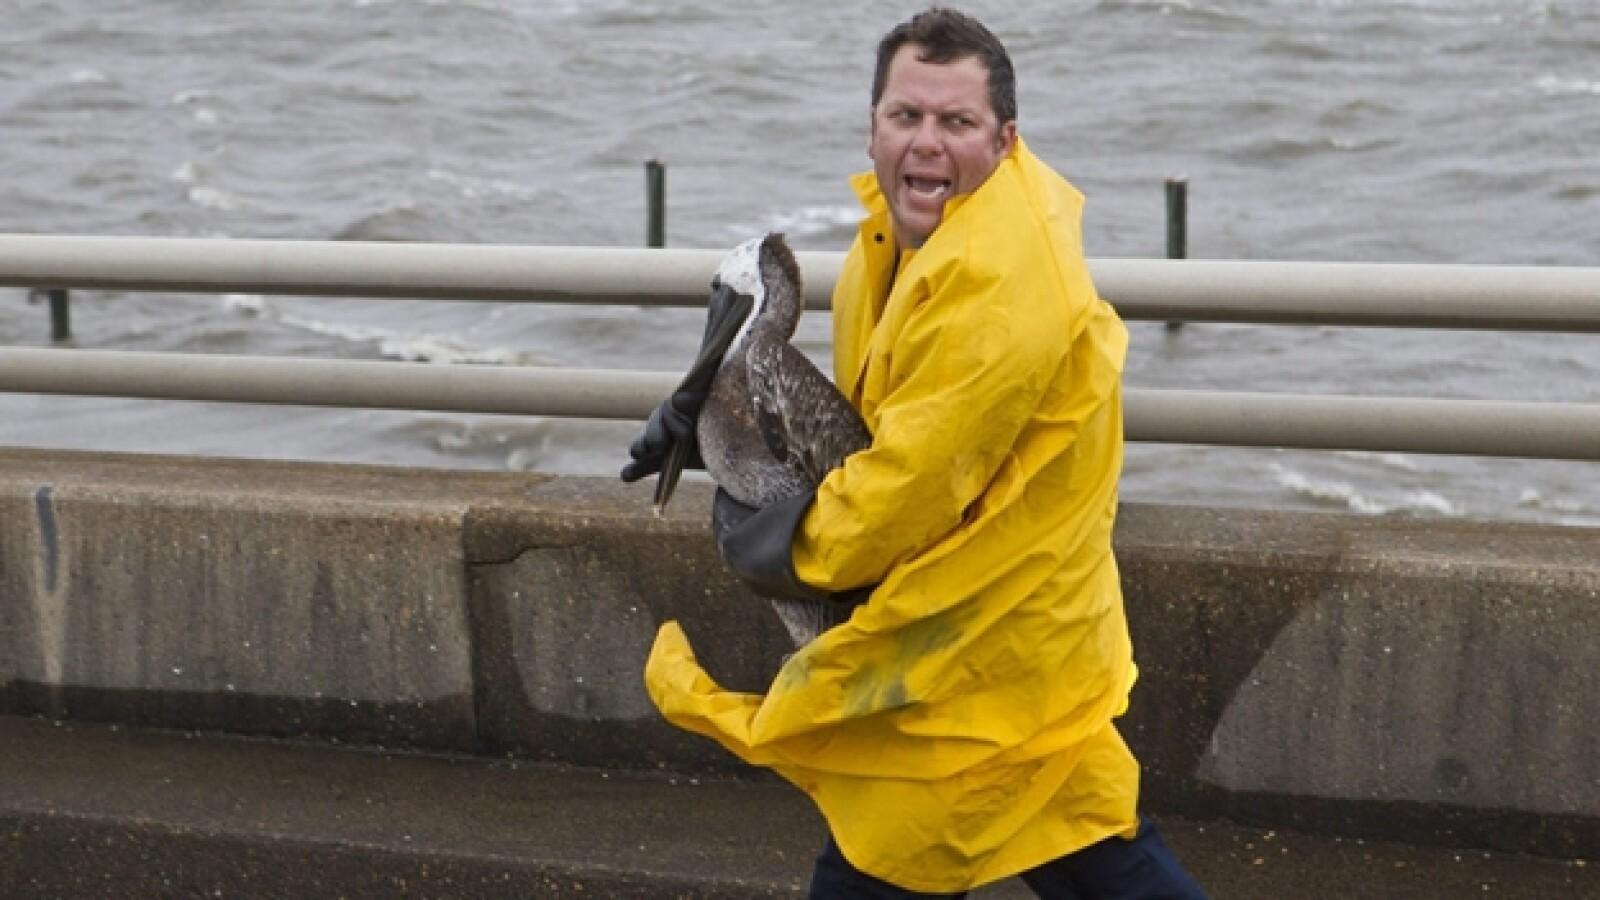 un trabajador rescata a un pelicano